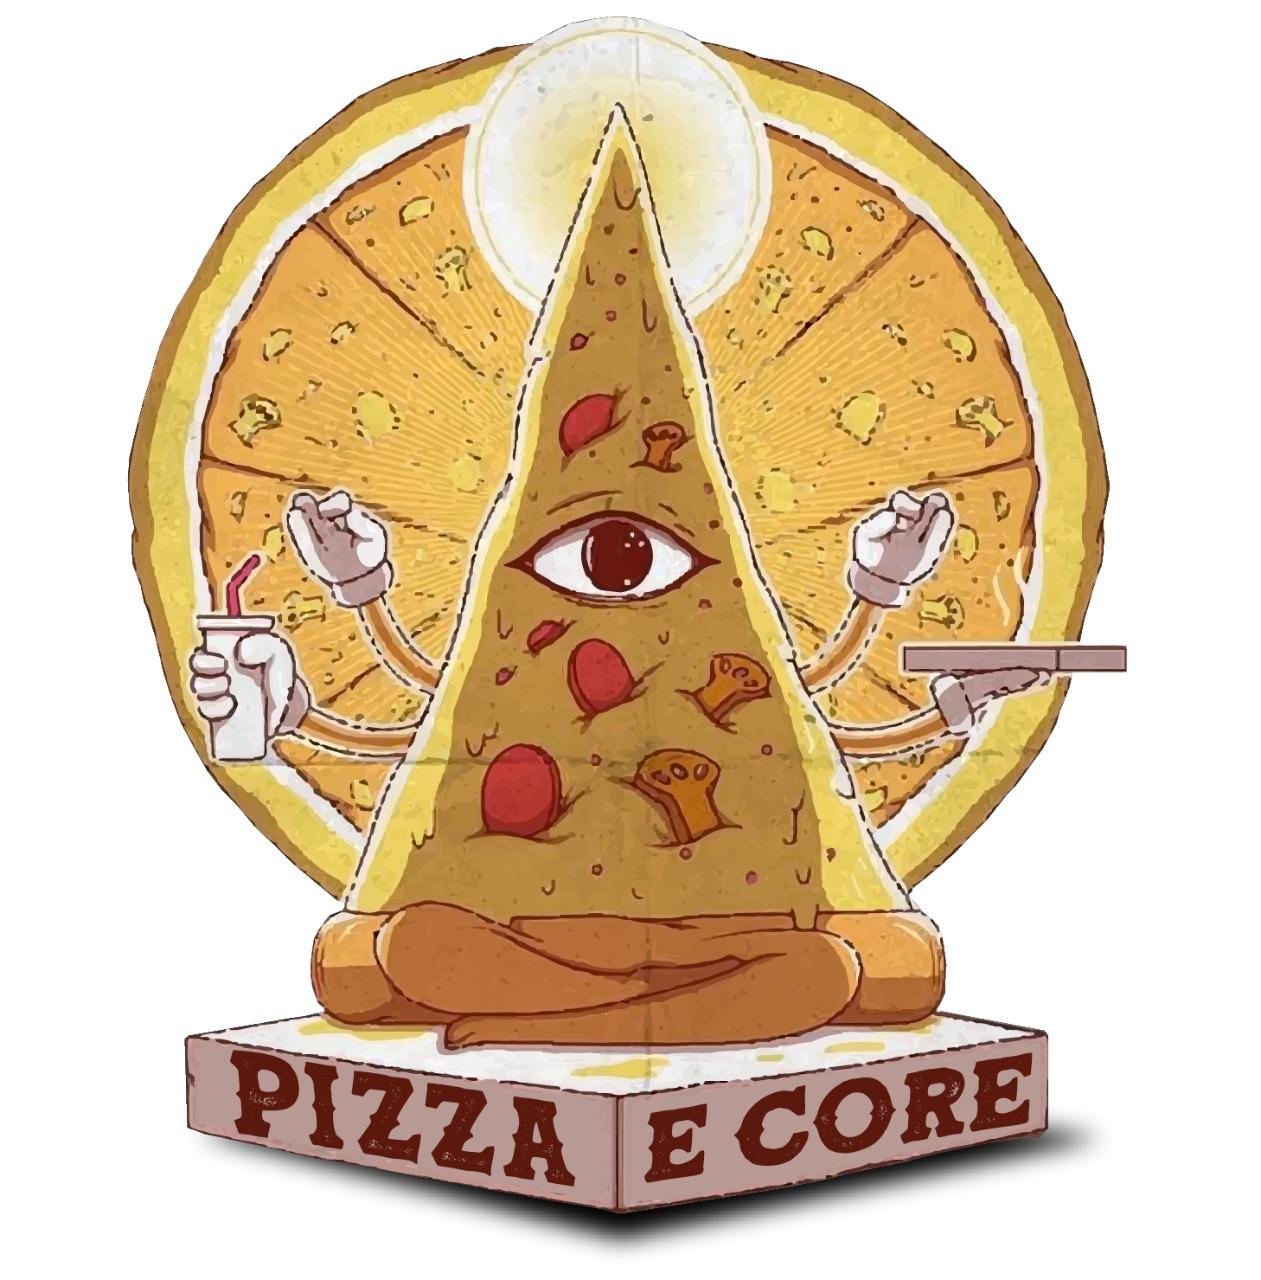 Pizzeria E core